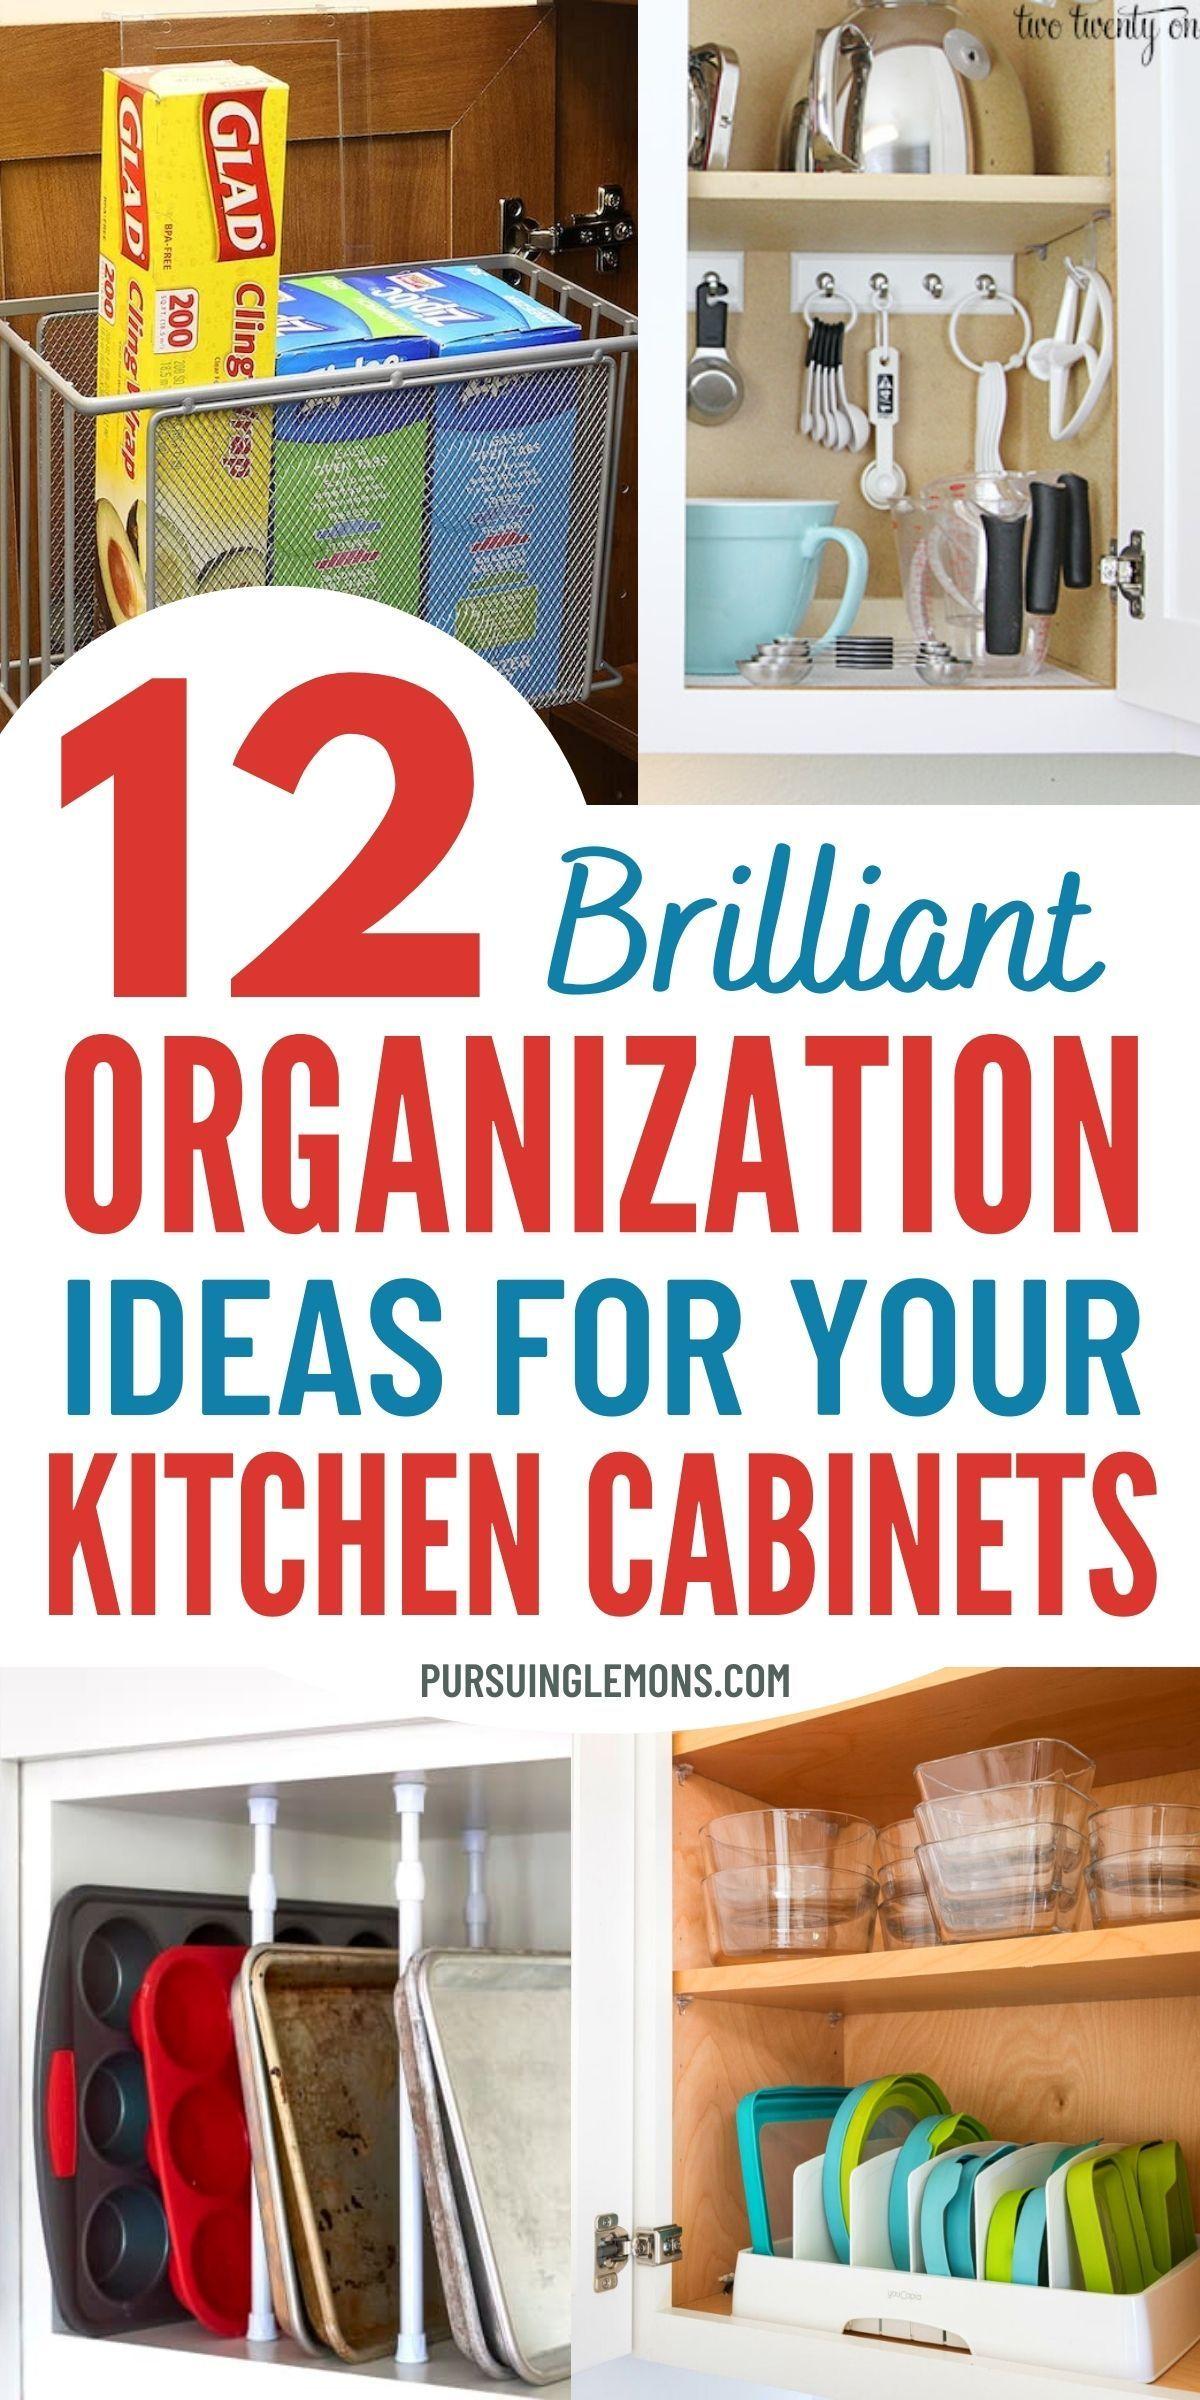 12 Brilliant Ways To Organize Kitchen Cabinets